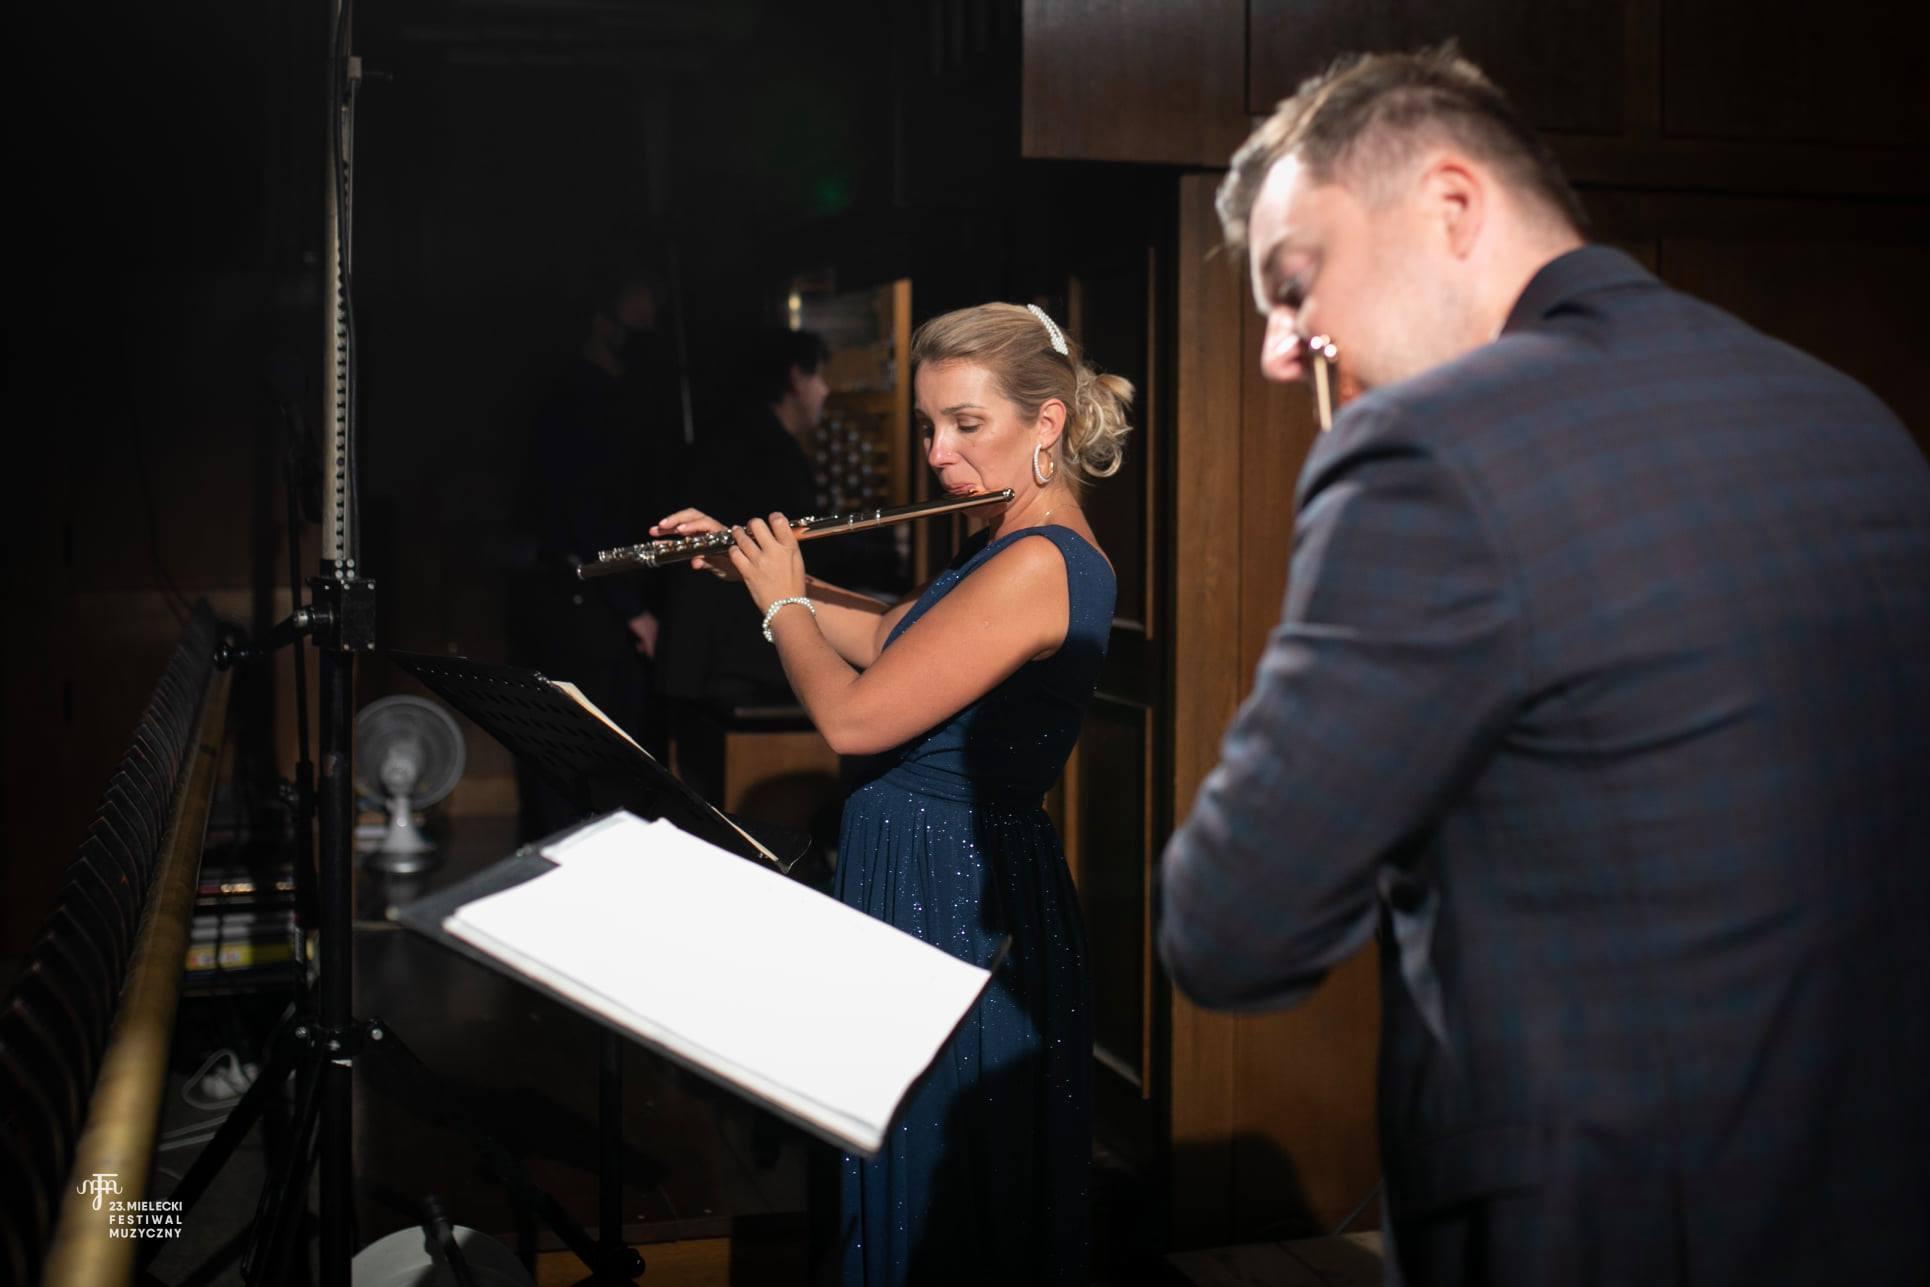 Znany duet flecistów w Mielcu w ramach mieleckiego festiwalu [FOTO] - Zdjęcie główne